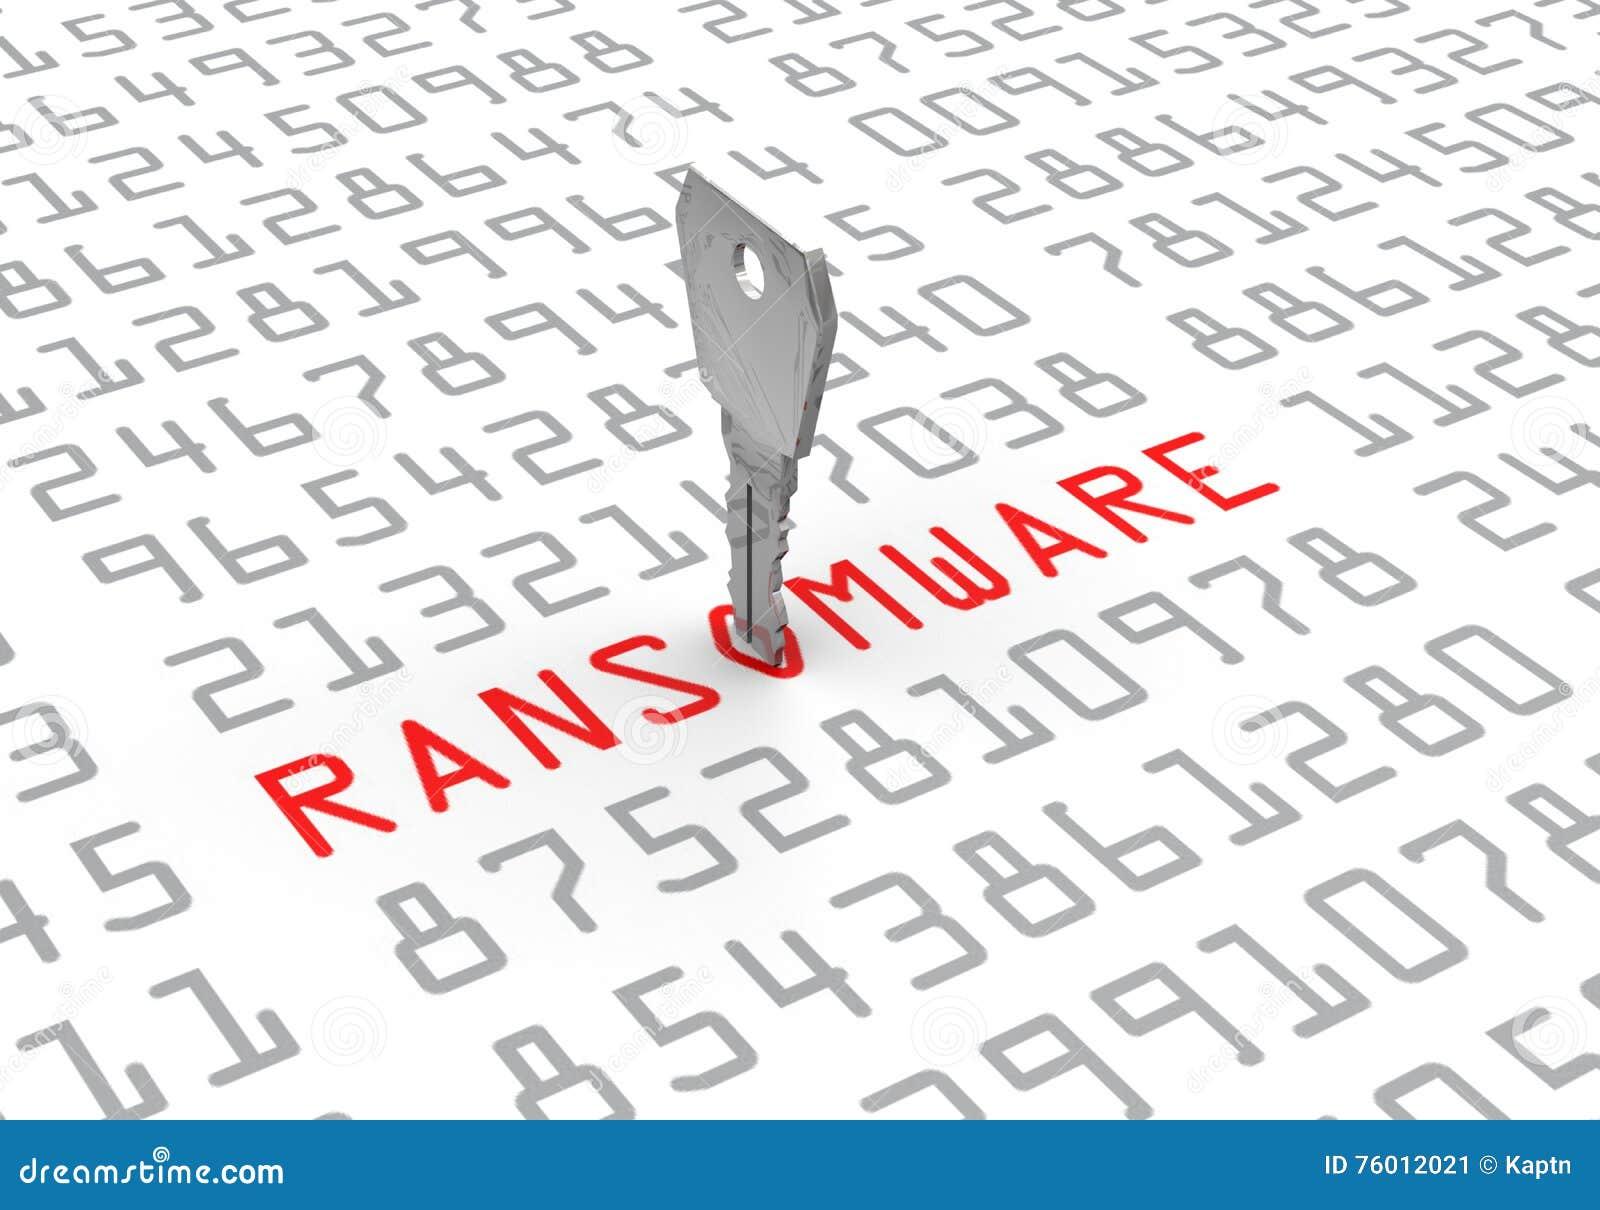 Hacked Computer Key Password